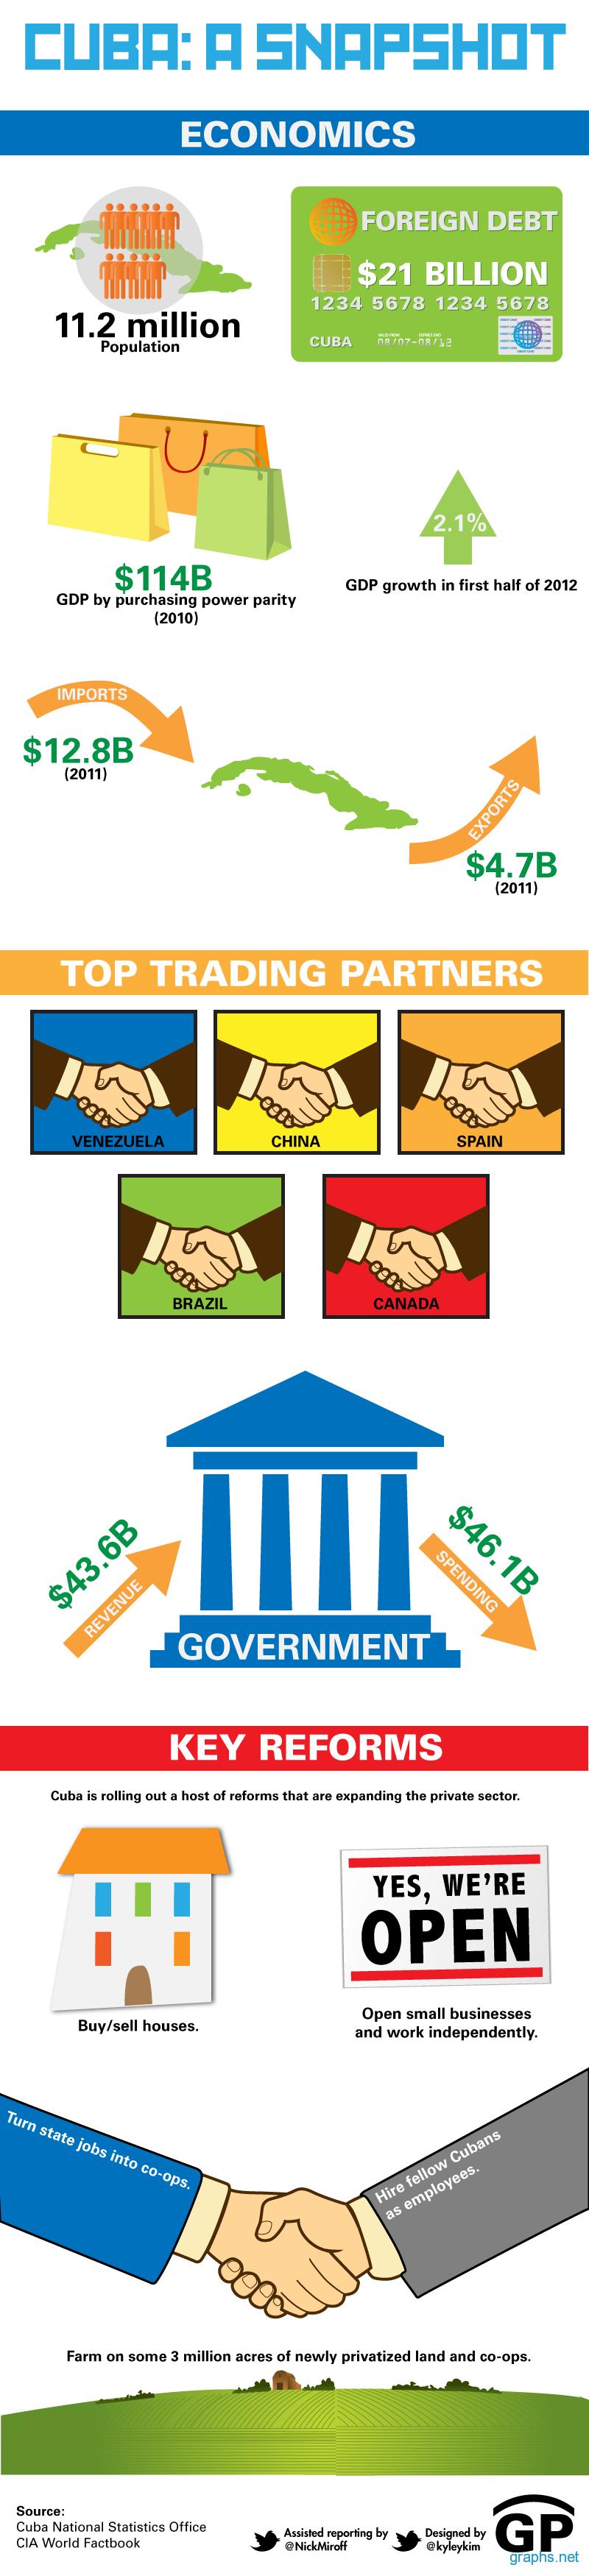 Cuba economic status